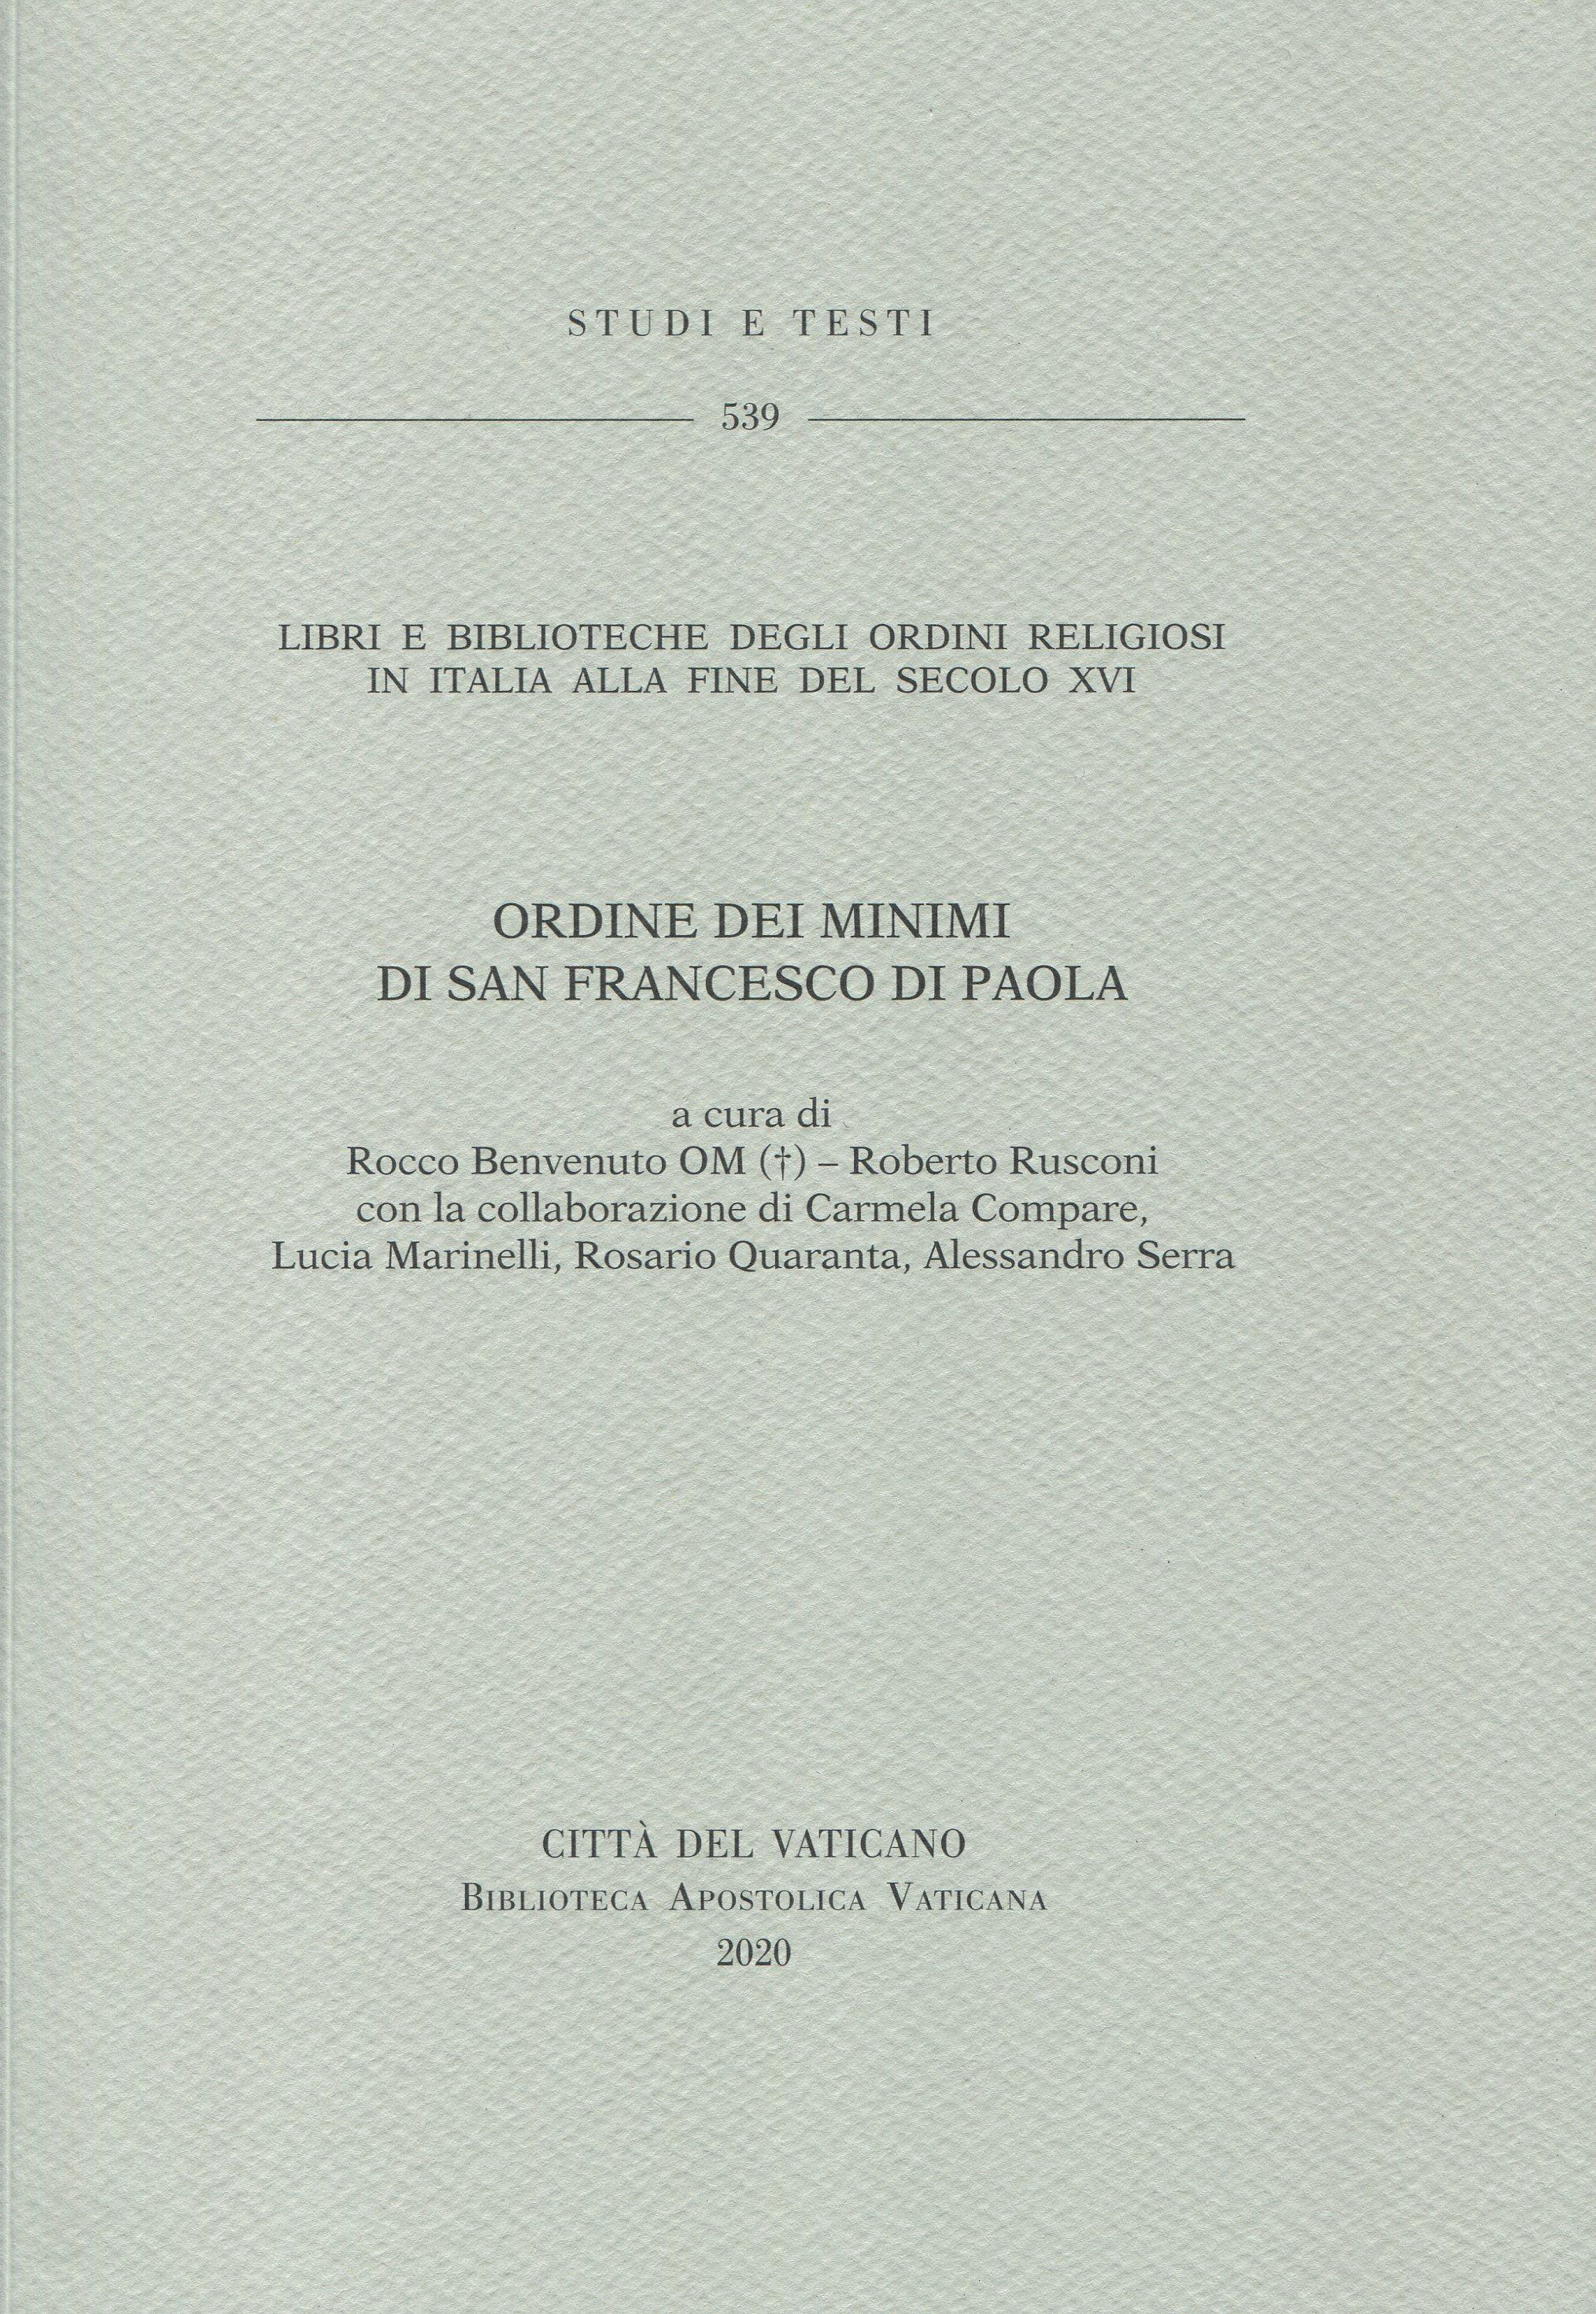 Libri e Biblioteche degli ordini religiosi in Italia alla fine del secolo XVI. ‒ 7. Ordine dei Minimi di san Francesco di Paola.